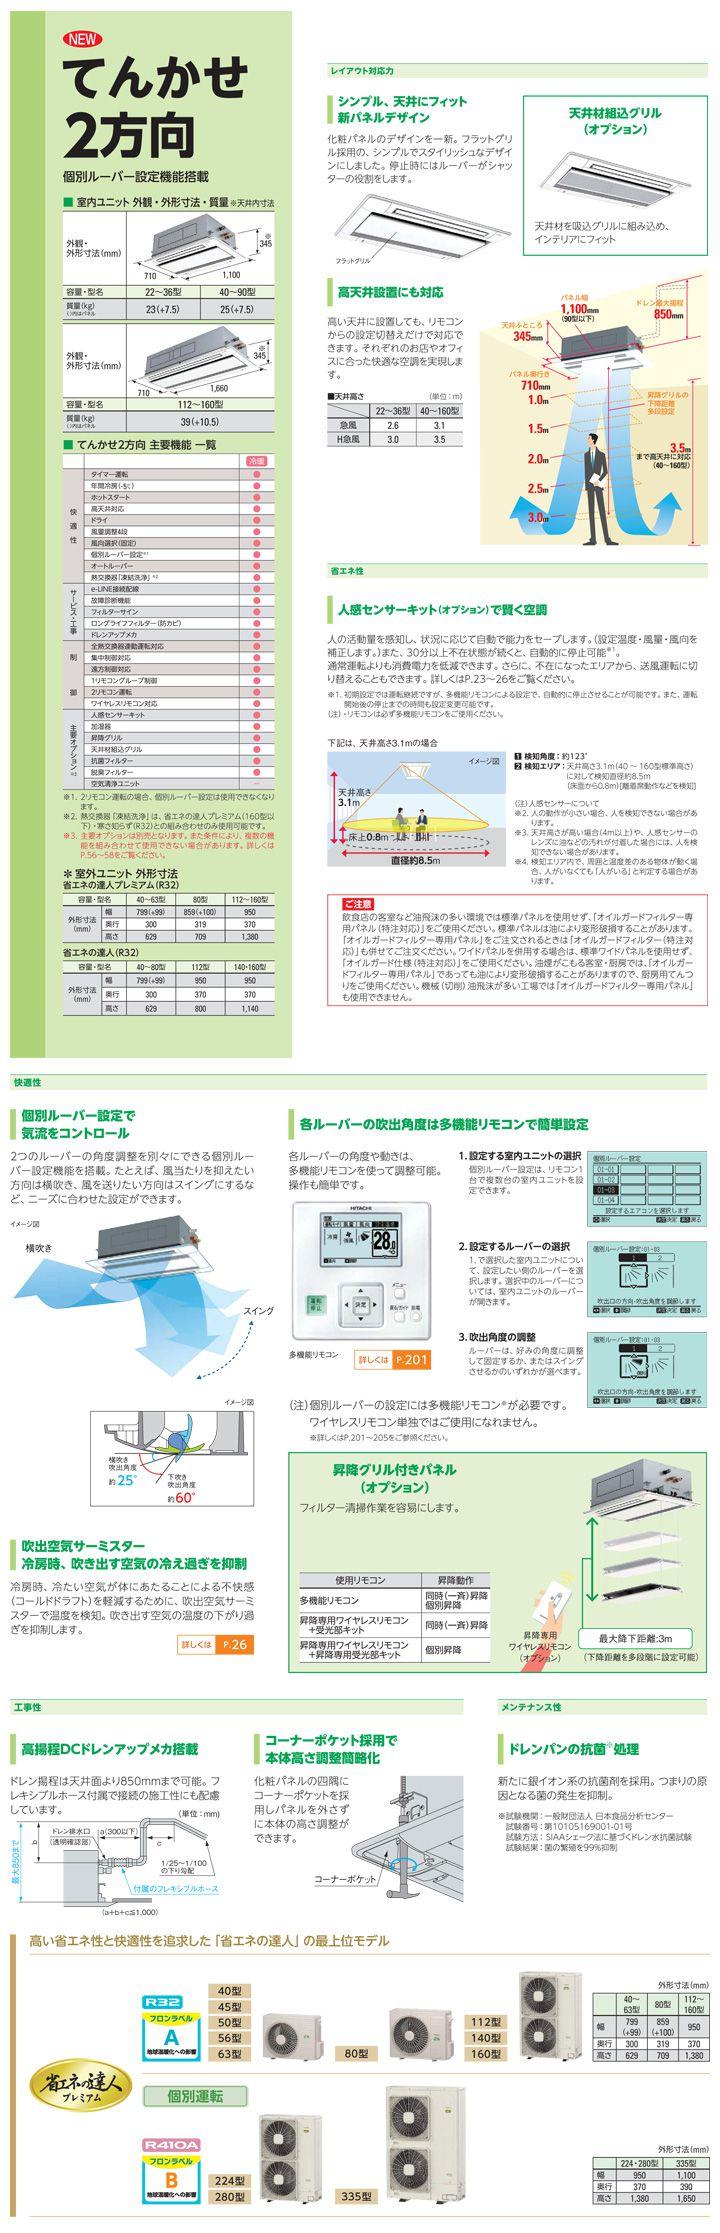 RCID-AP224GHW8-kobetsuカタログ